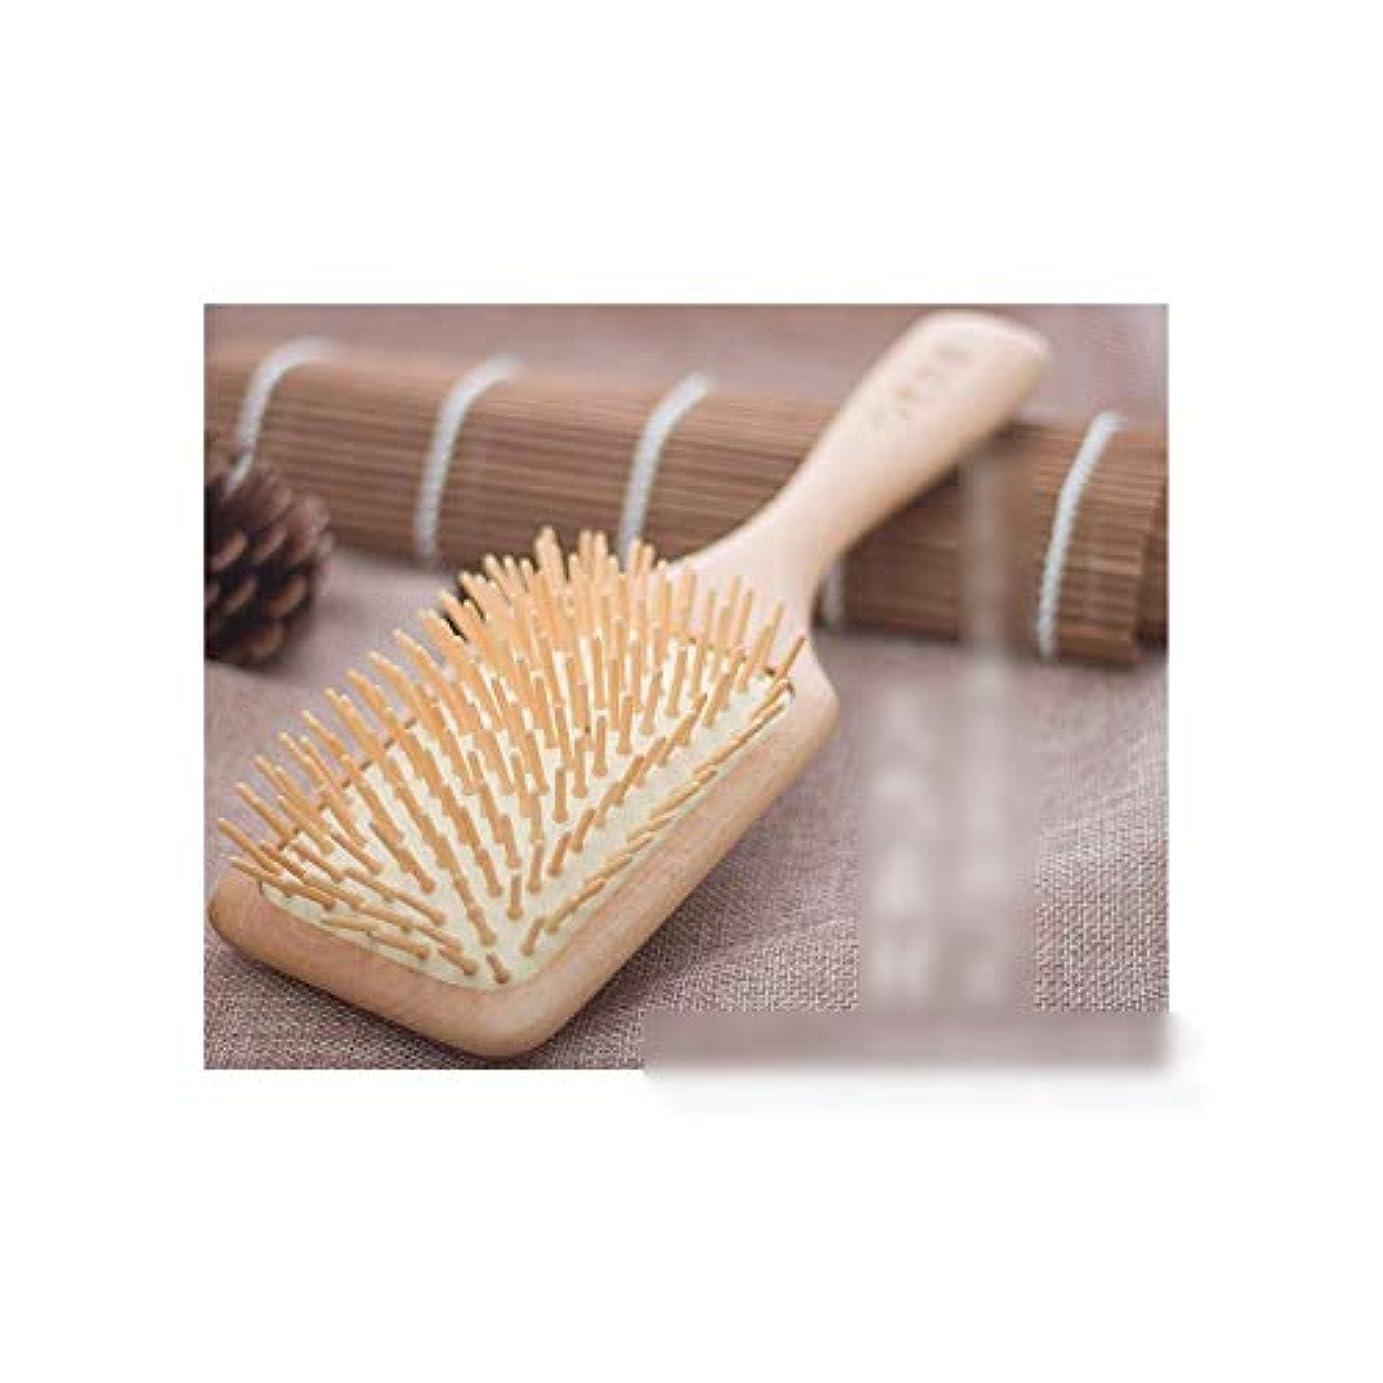 最少塩取り除くWASAIO ヘアブラシの櫛ヘアブラシの反静的なマッサージの櫛、すべての毛のタイプのためのブナの木の櫛 (色 : Square)